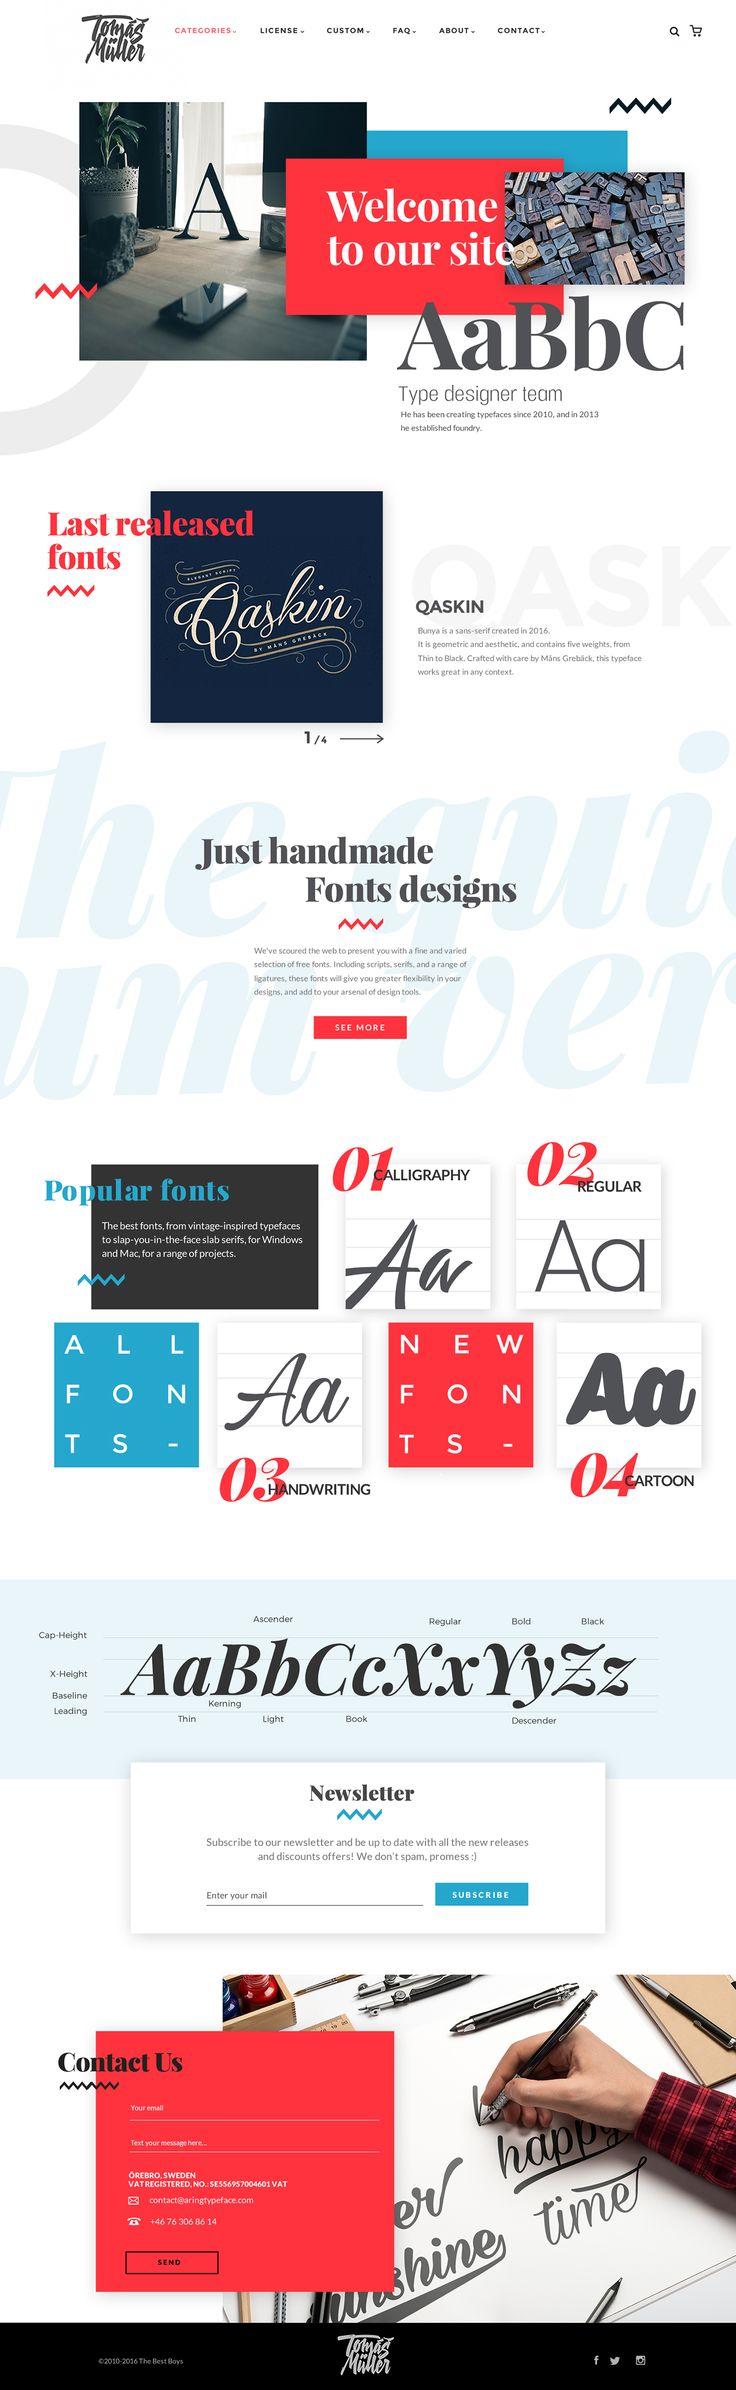 Typographer's website on Behance